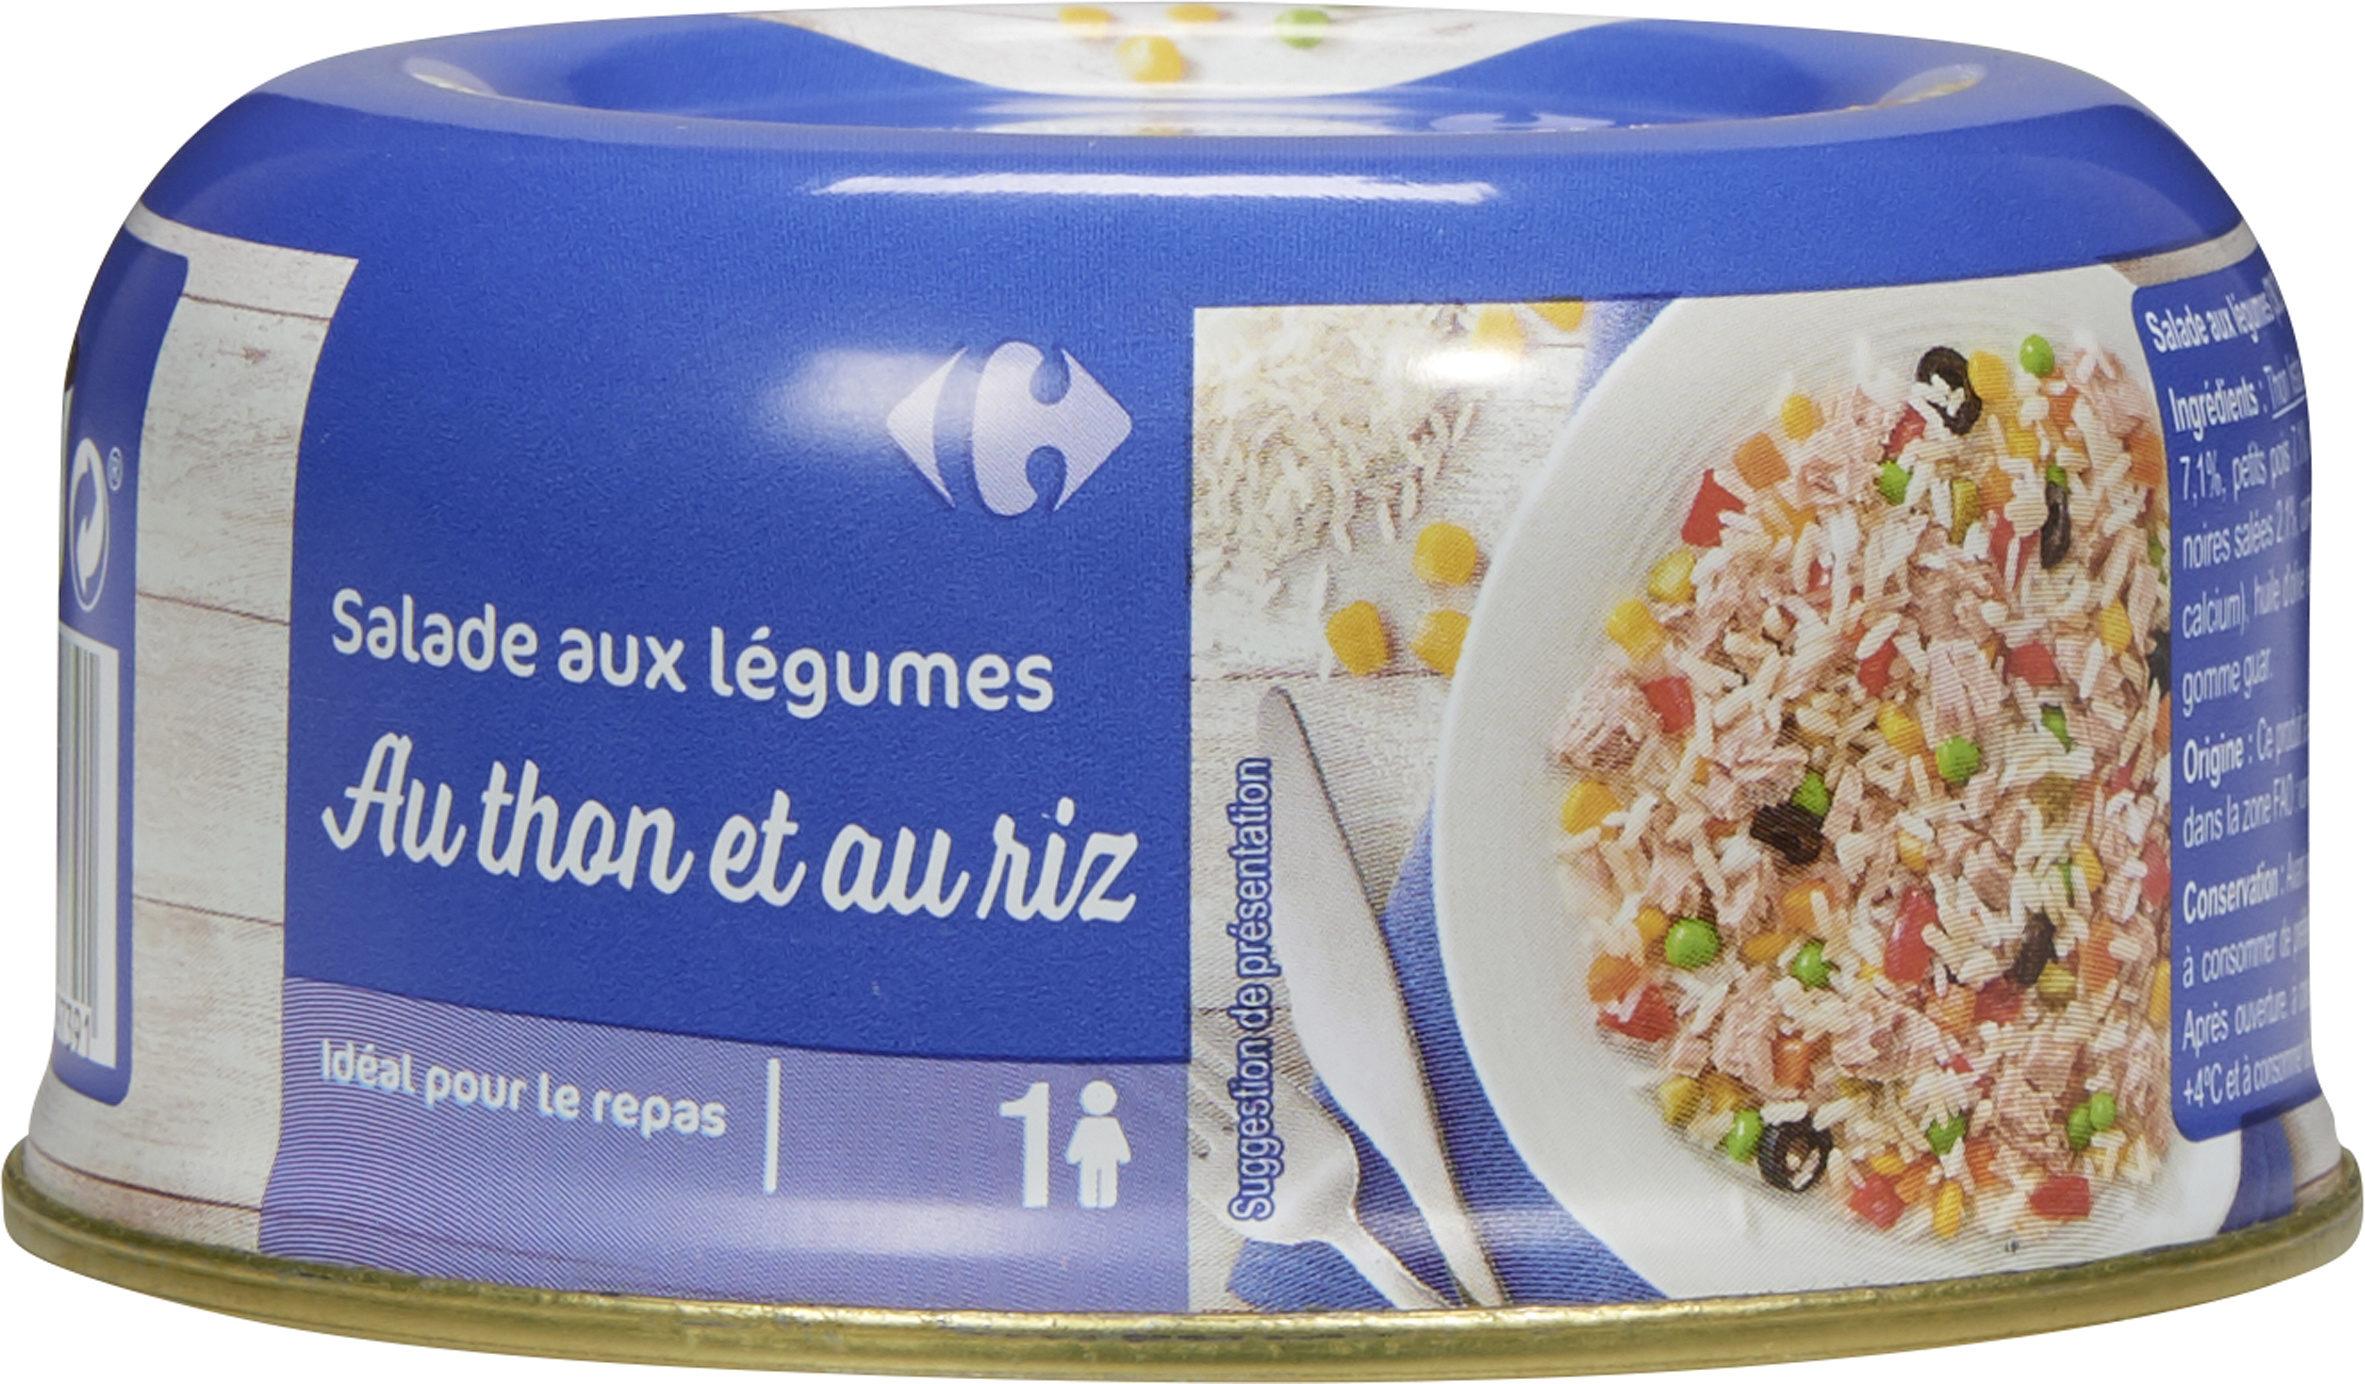 Salade aux légumes au Thon et au riz - Produit - fr